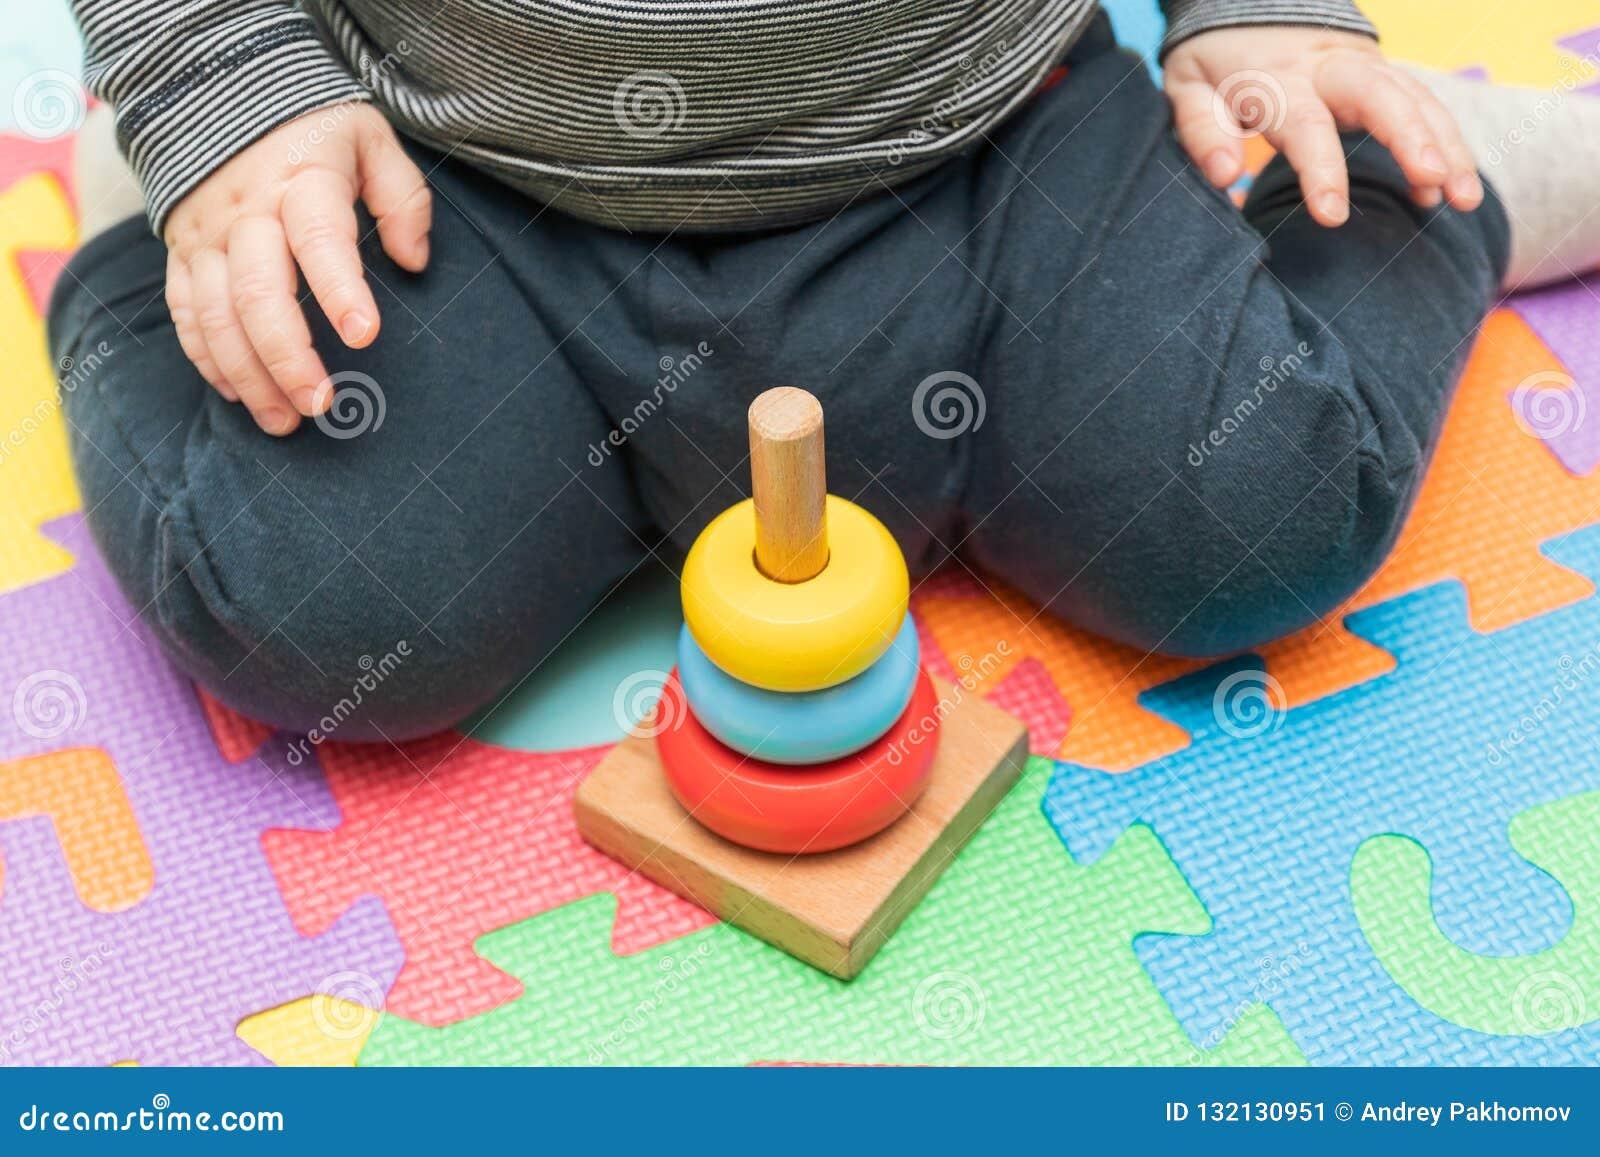 Μια μικρή συνεδρίαση αγοριών σε ένα χαλί παιχνιδιού, συλλέγει μια πολύχρωμη πυραμίδα των παιδιών τα εκπαιδευτικά παιχνίδια για τα